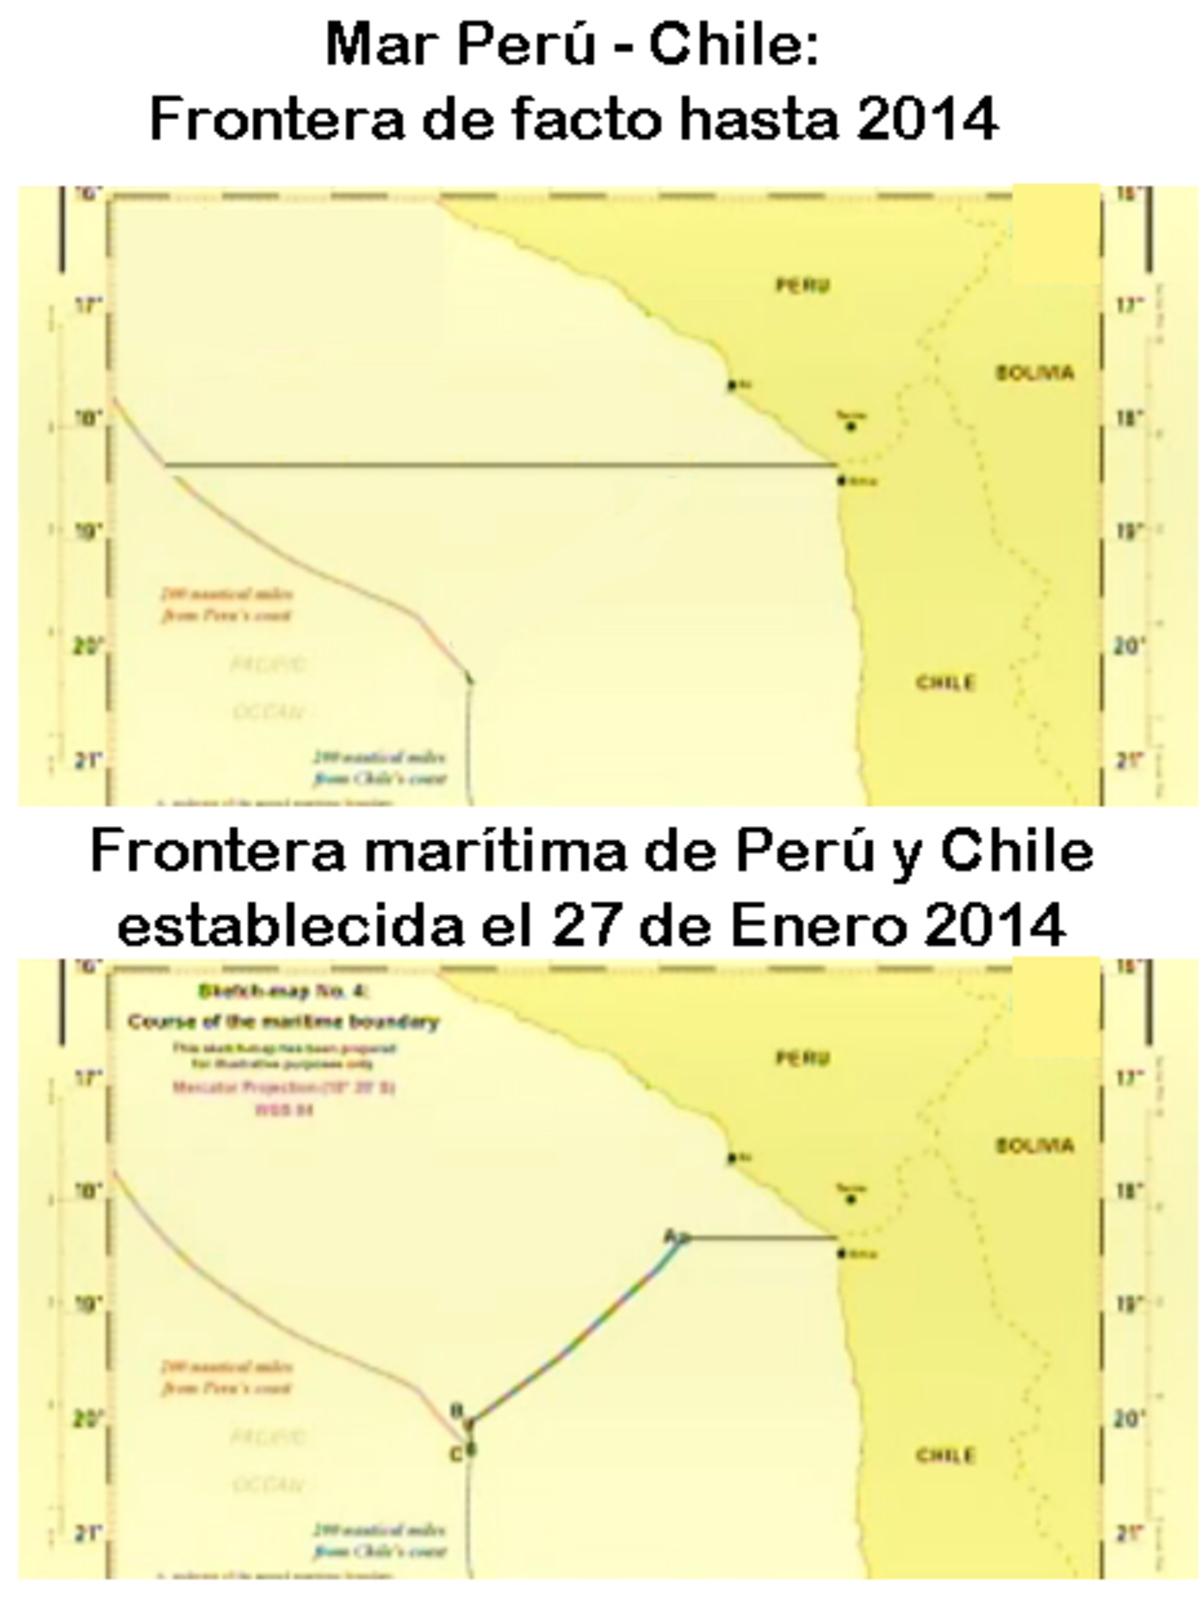 Bolivia define acceso maritimo a Chile como politica de Estado! - La Haya da el fallo a favor de Chile por sus acuerdos historicos firmados entonces! 2014fronteraperuchile